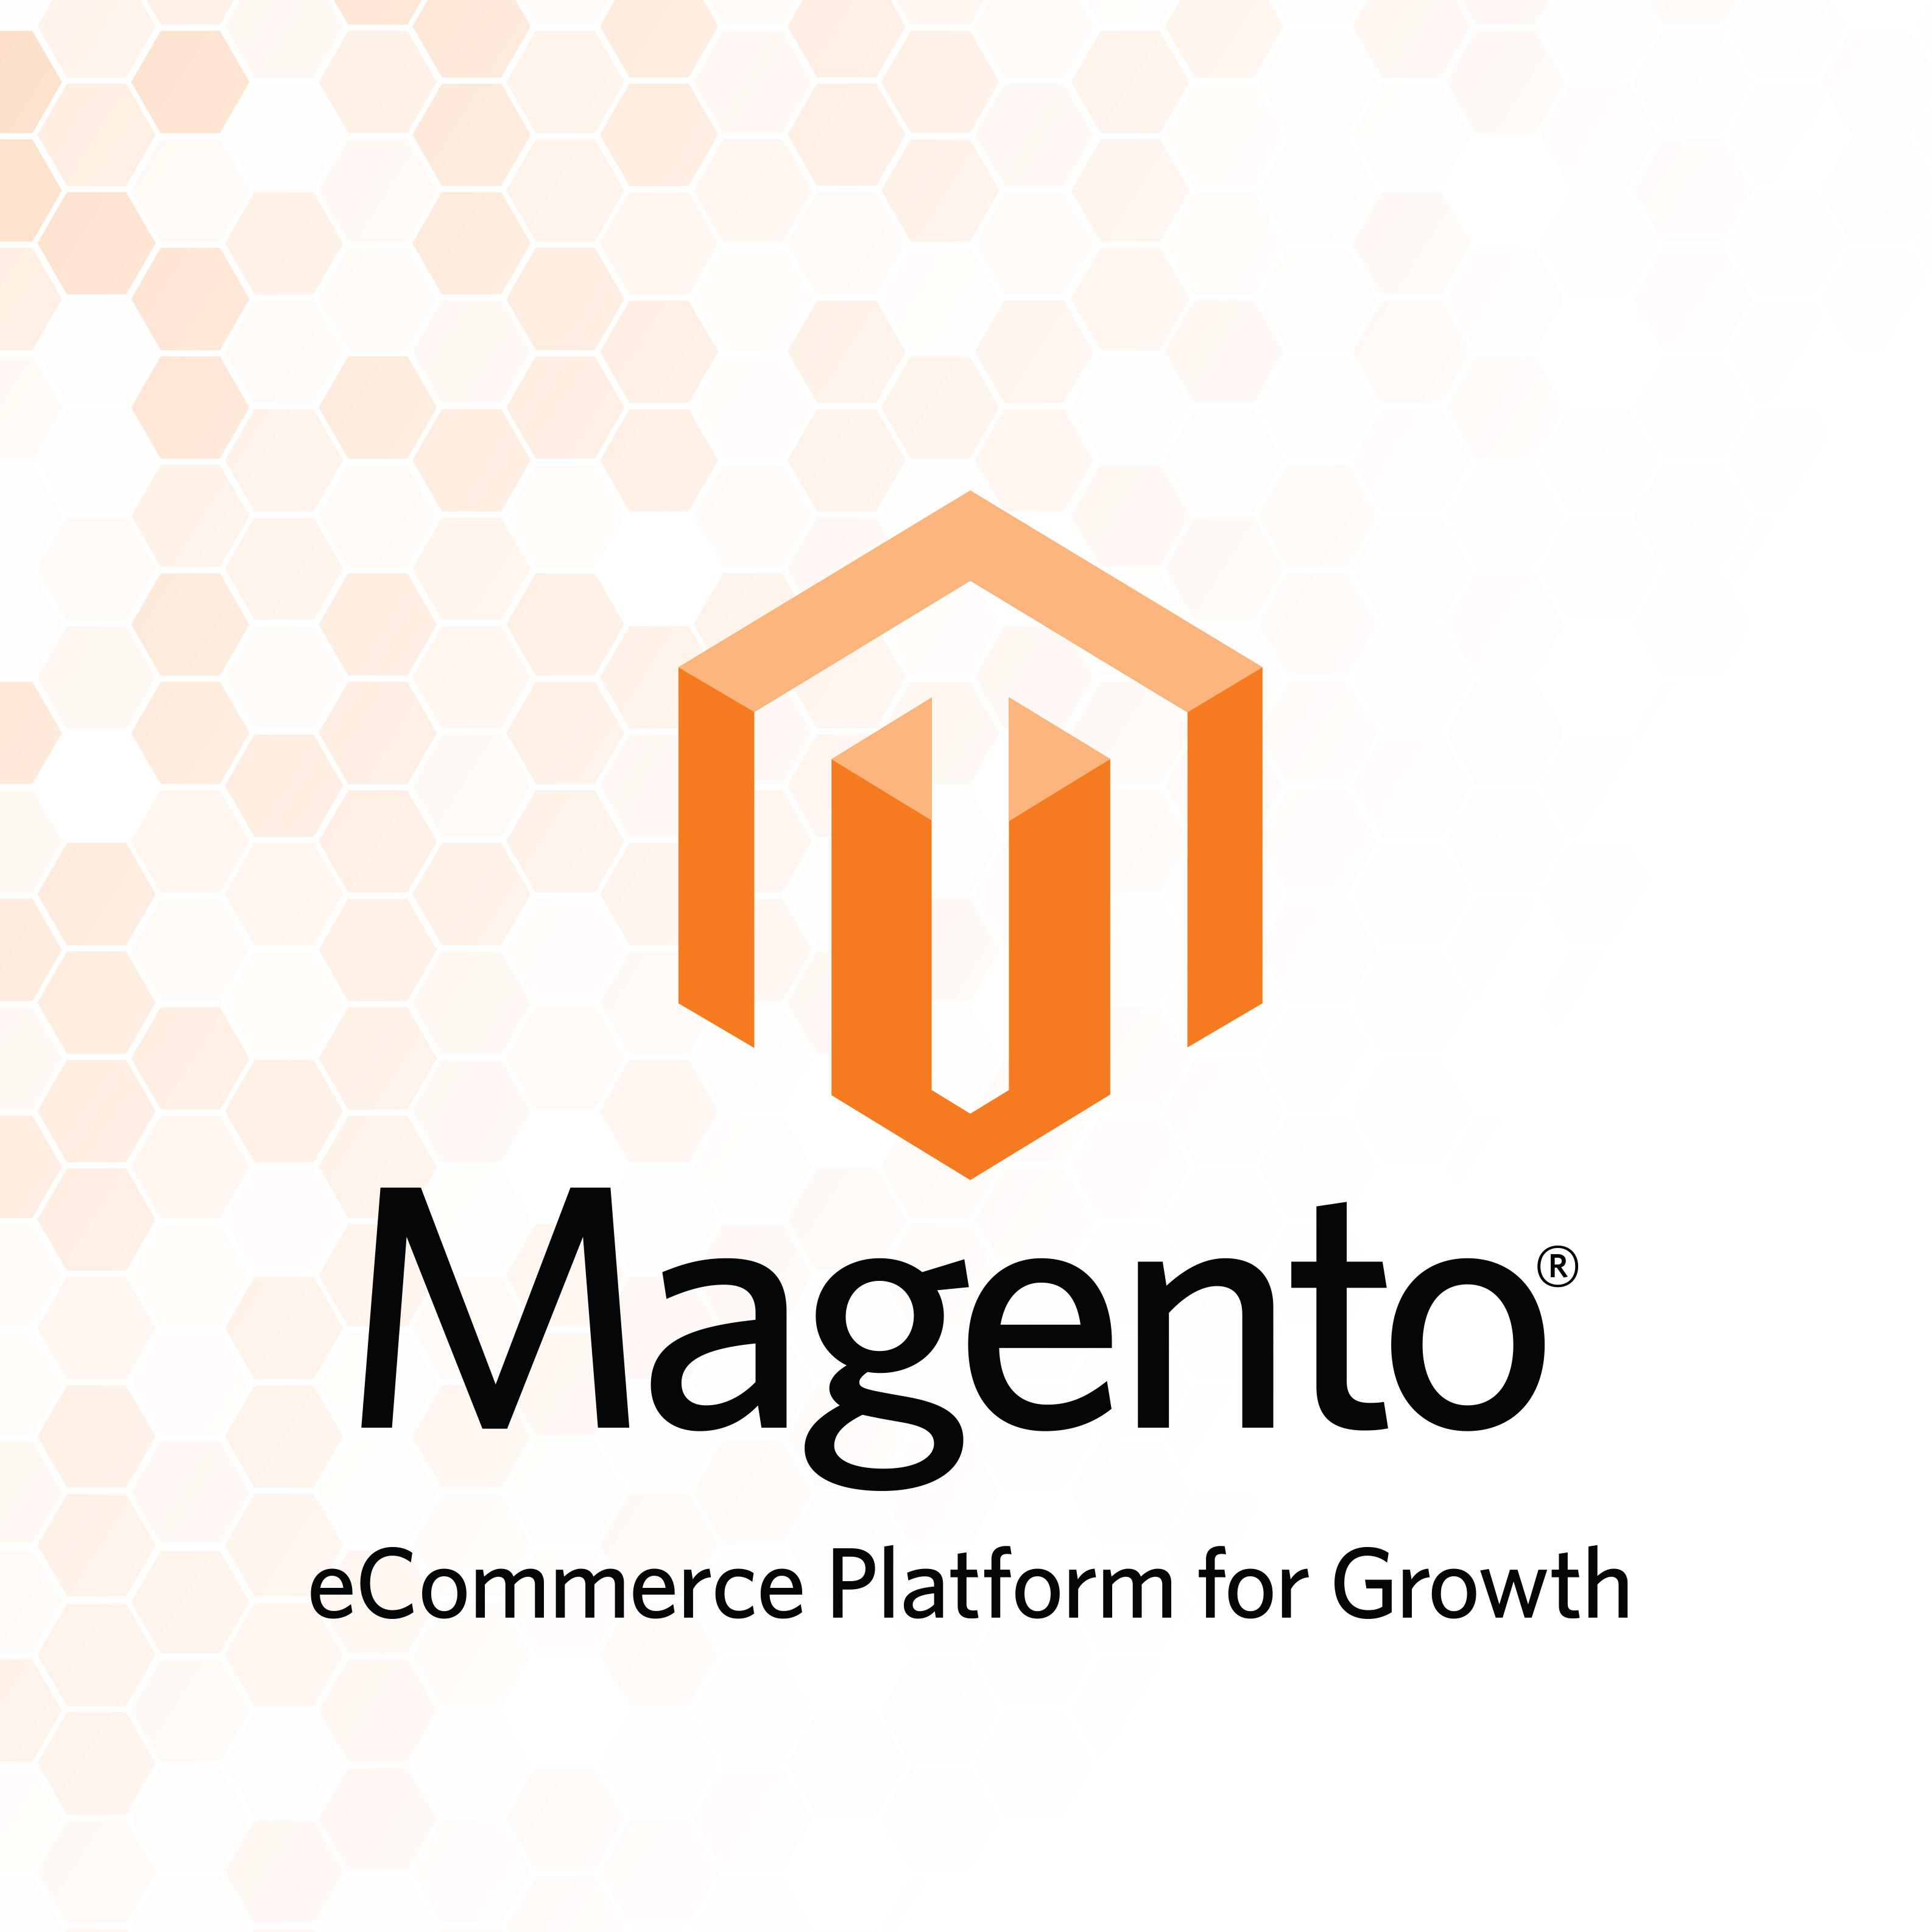 IMAG eStore - Magento logo